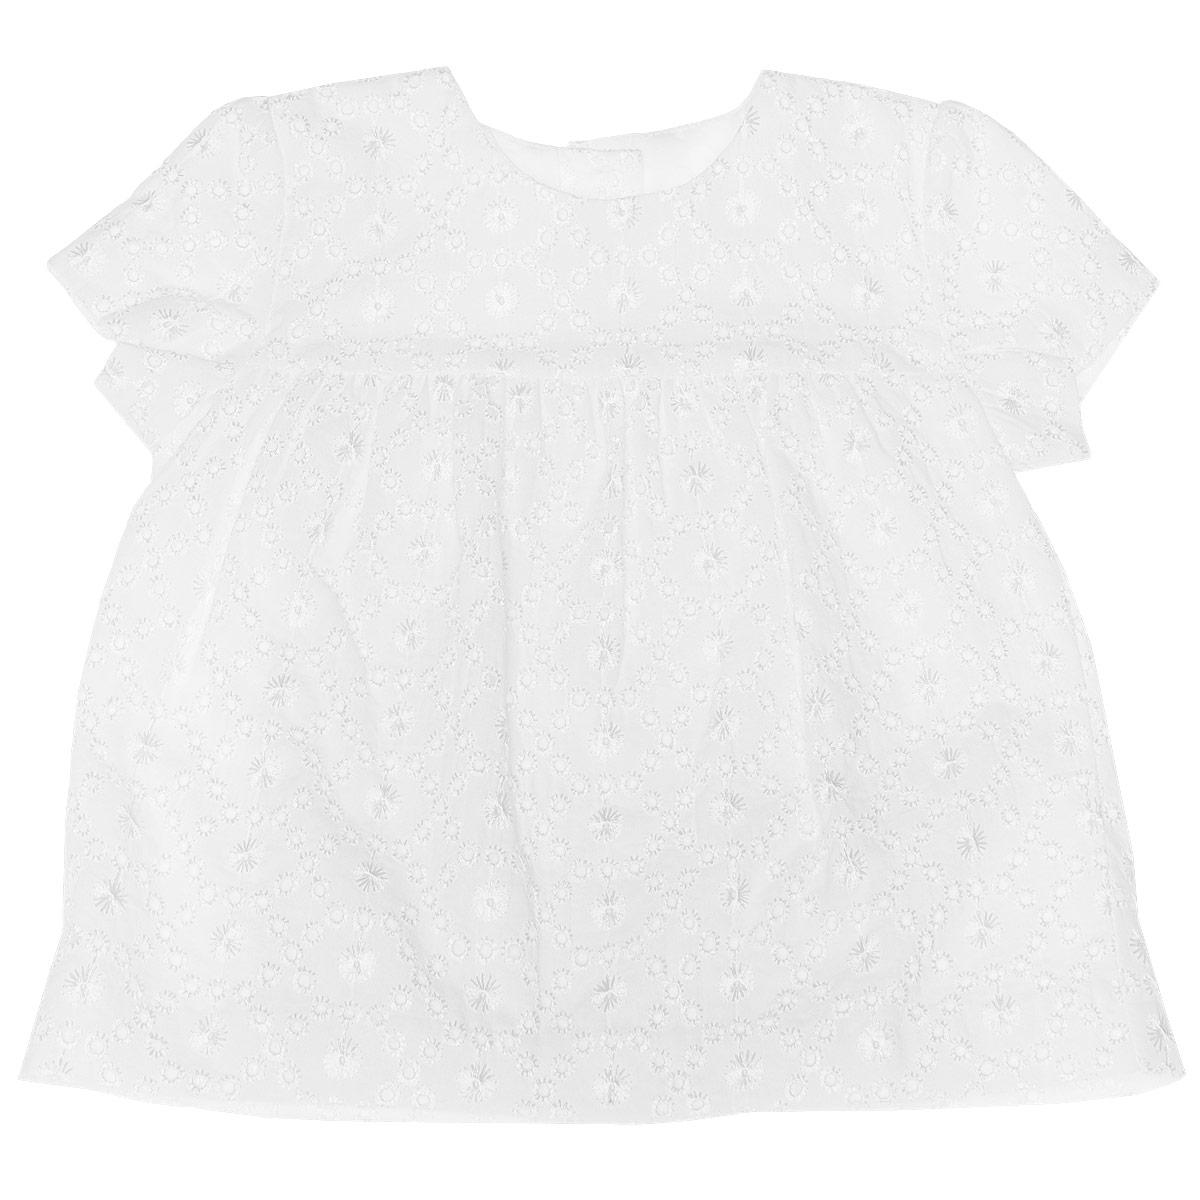 Рубашка для крещения для девочки. 90664439066443Рубашка для крещения для девочки Chicco идеально подойдет вашей малышке. Изготовленная из натурального хлопка на хлопковой подкладке, она необычайно мягкая и приятная на ощупь, не сковывает движения и позволяет коже дышать, не раздражает нежную кожу ребенка, обеспечивая наибольший комфорт. Рубашечка с короткими рукавами-фонариками и круглым вырезом горловины застегивается по спинке на пластиковые пуговички по всей длине. От груди заложены складочки, придающие изделию пышность. Украшена модель ажурными вышивками. Такая рубашка станет незаменимой для обряда Крещения и поможет сделать его запоминающимся.